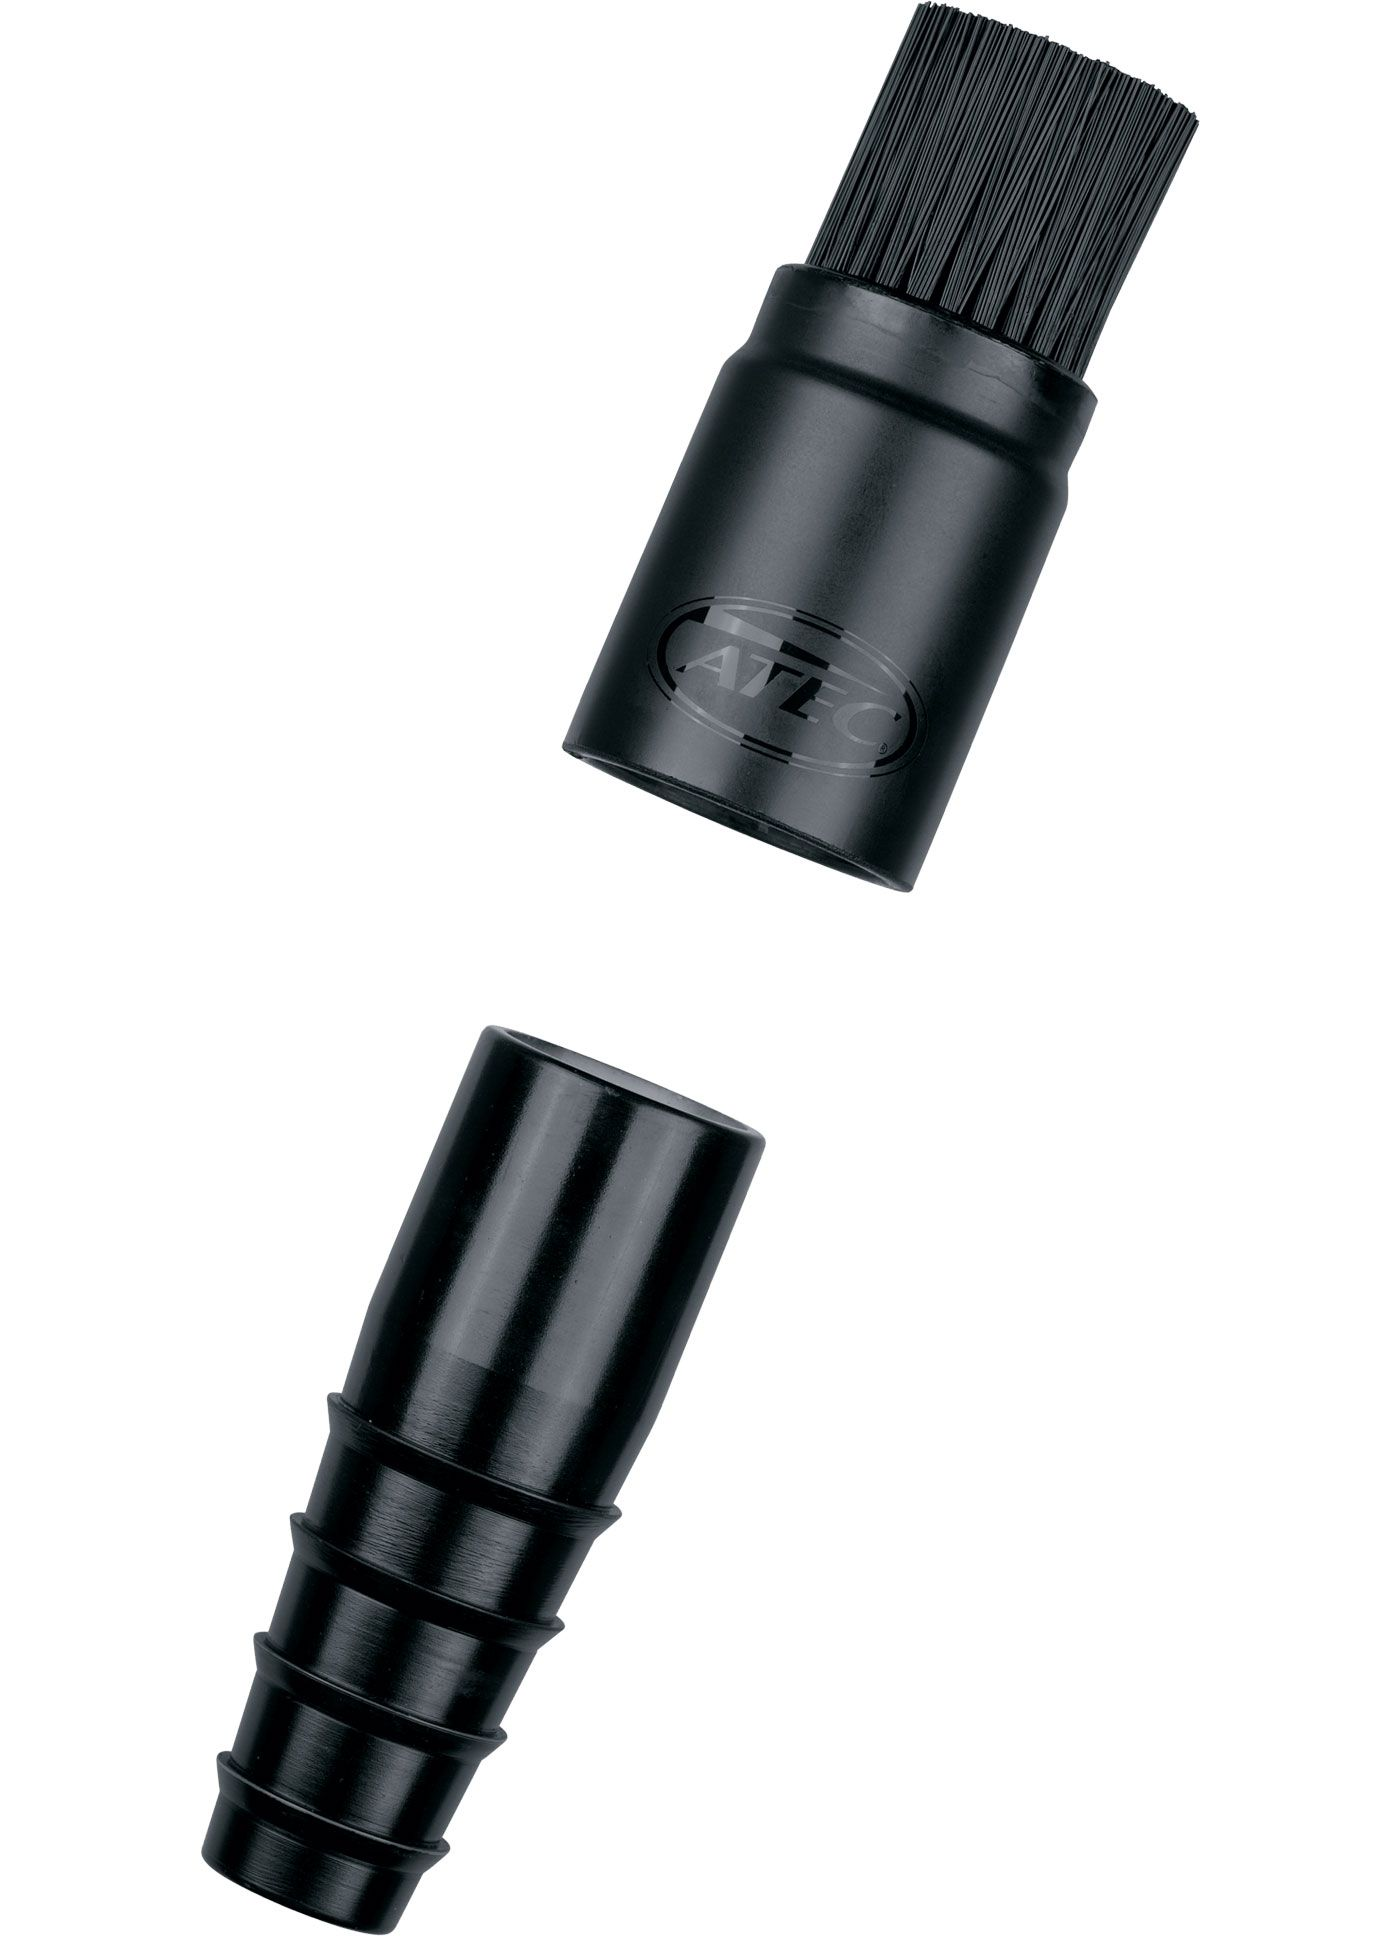 ATEC Tuffy Brush Batting Tee Adaptor Kit